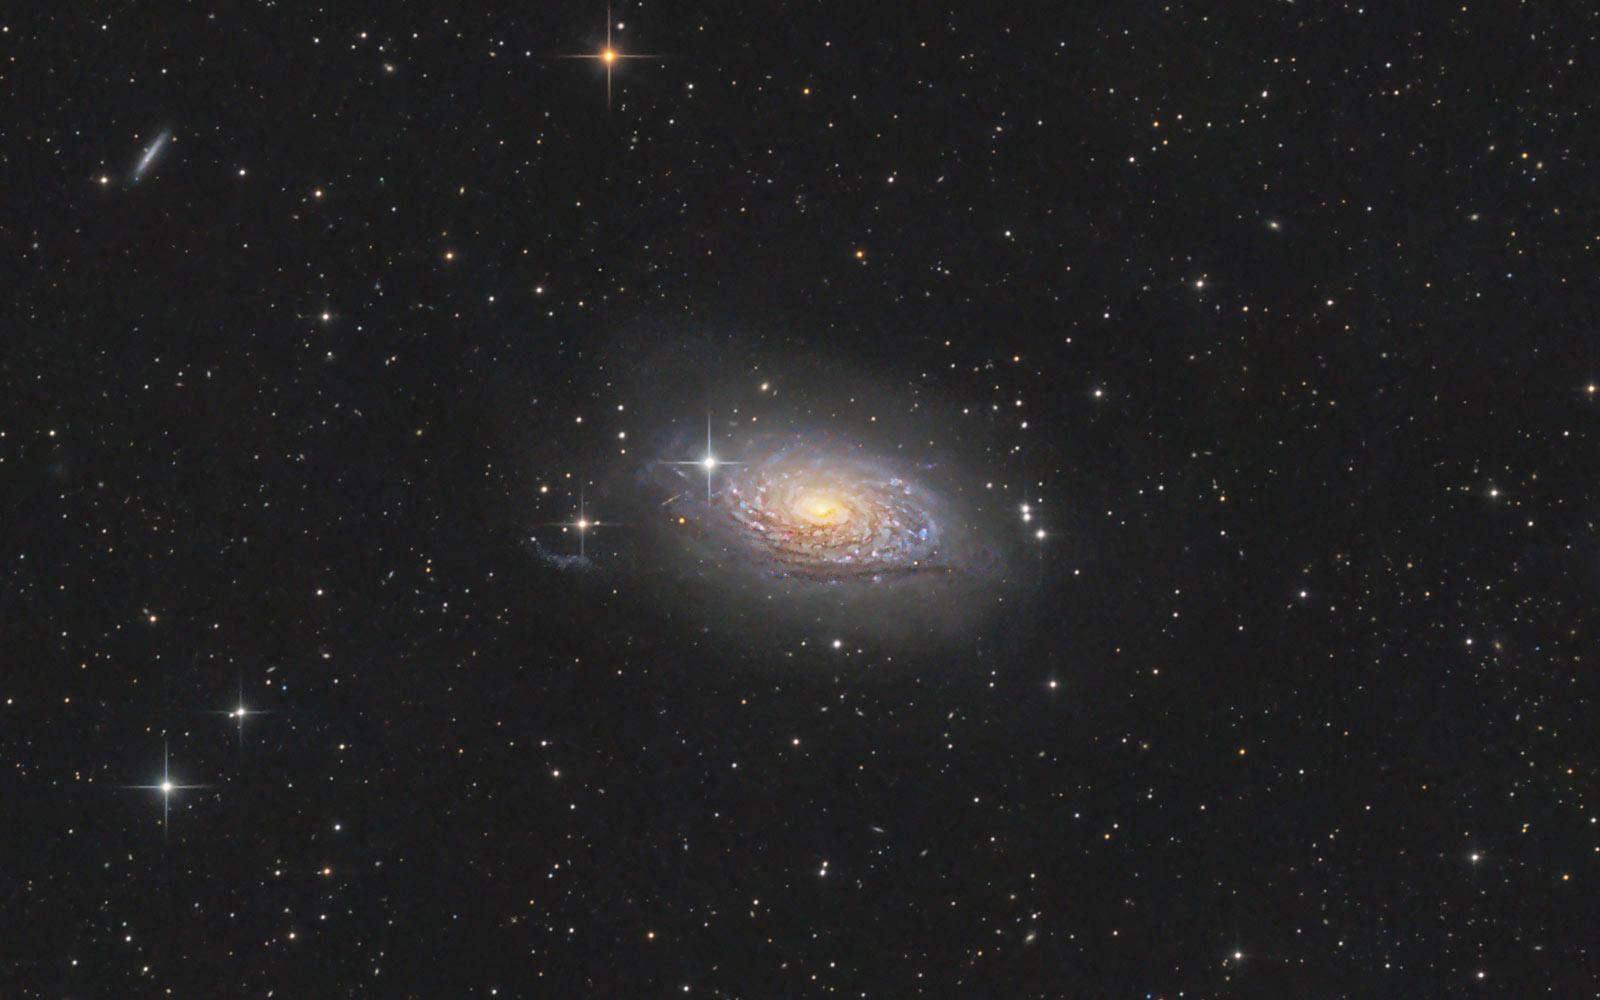 Sonnenblumen Galaxie, Messier 63, Fotografie von Claus Müller